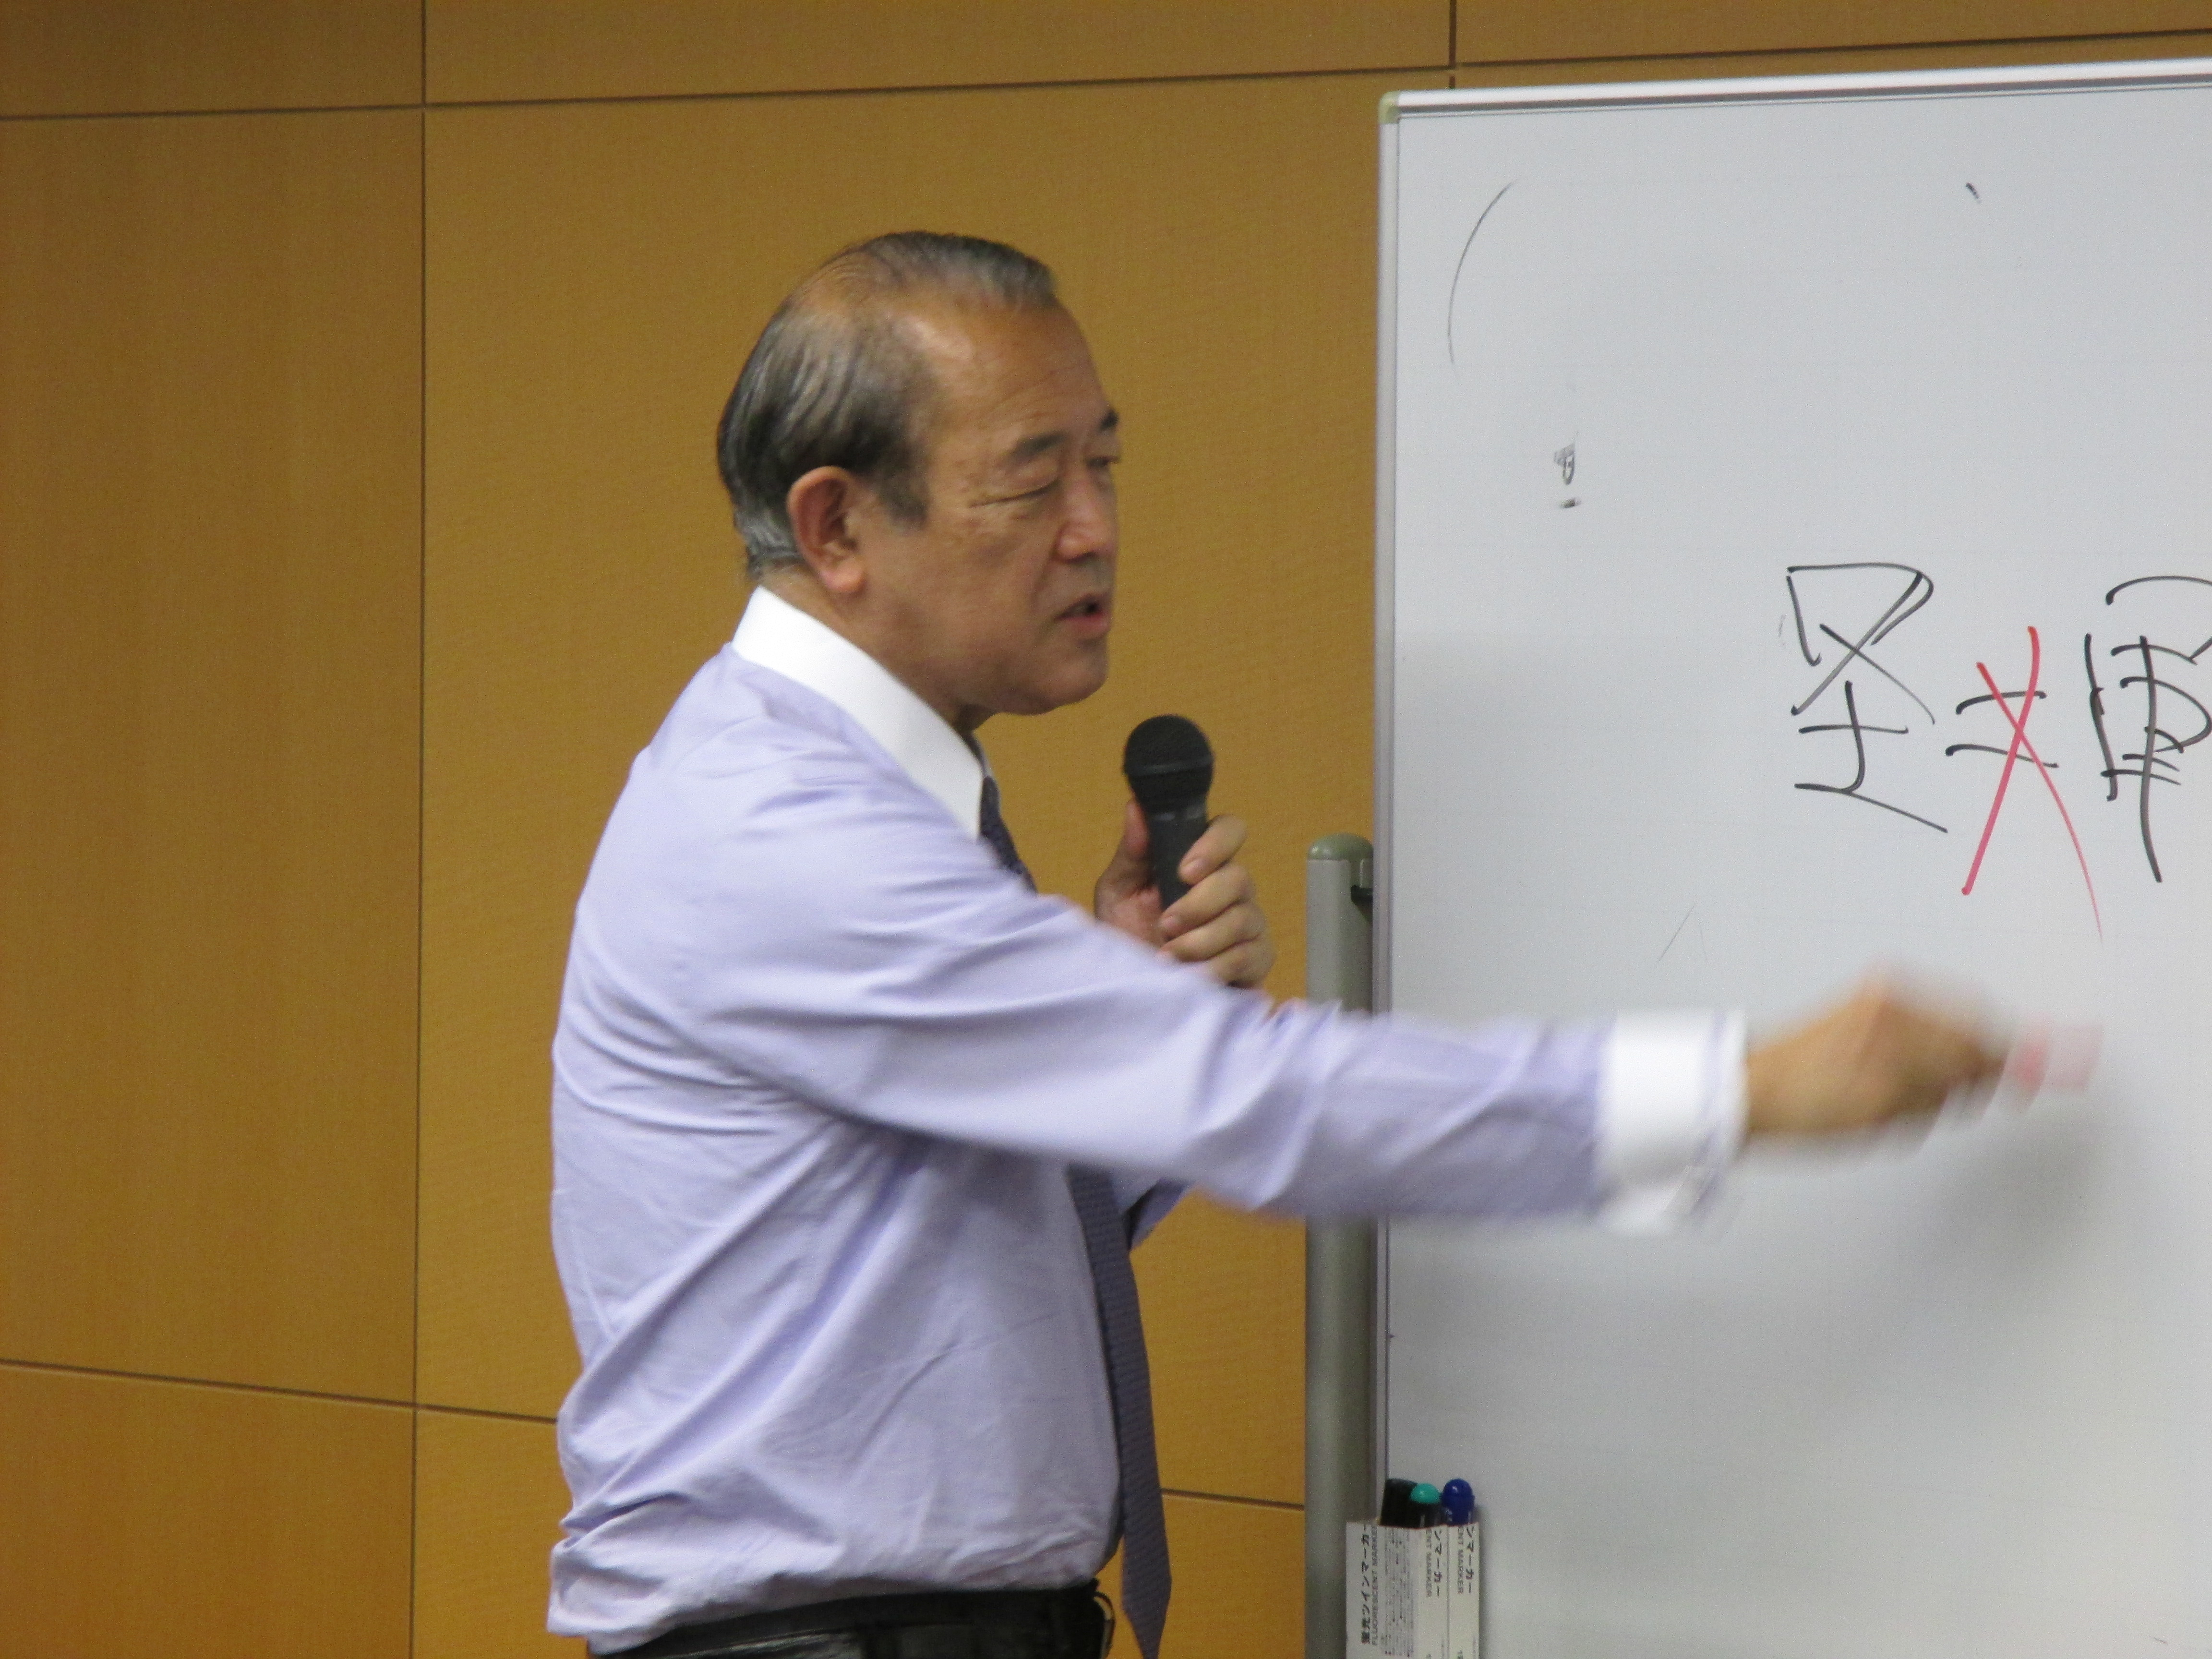 白熱月例セミナー「譲らず、油断せず、挑発せず」藤崎一郎氏